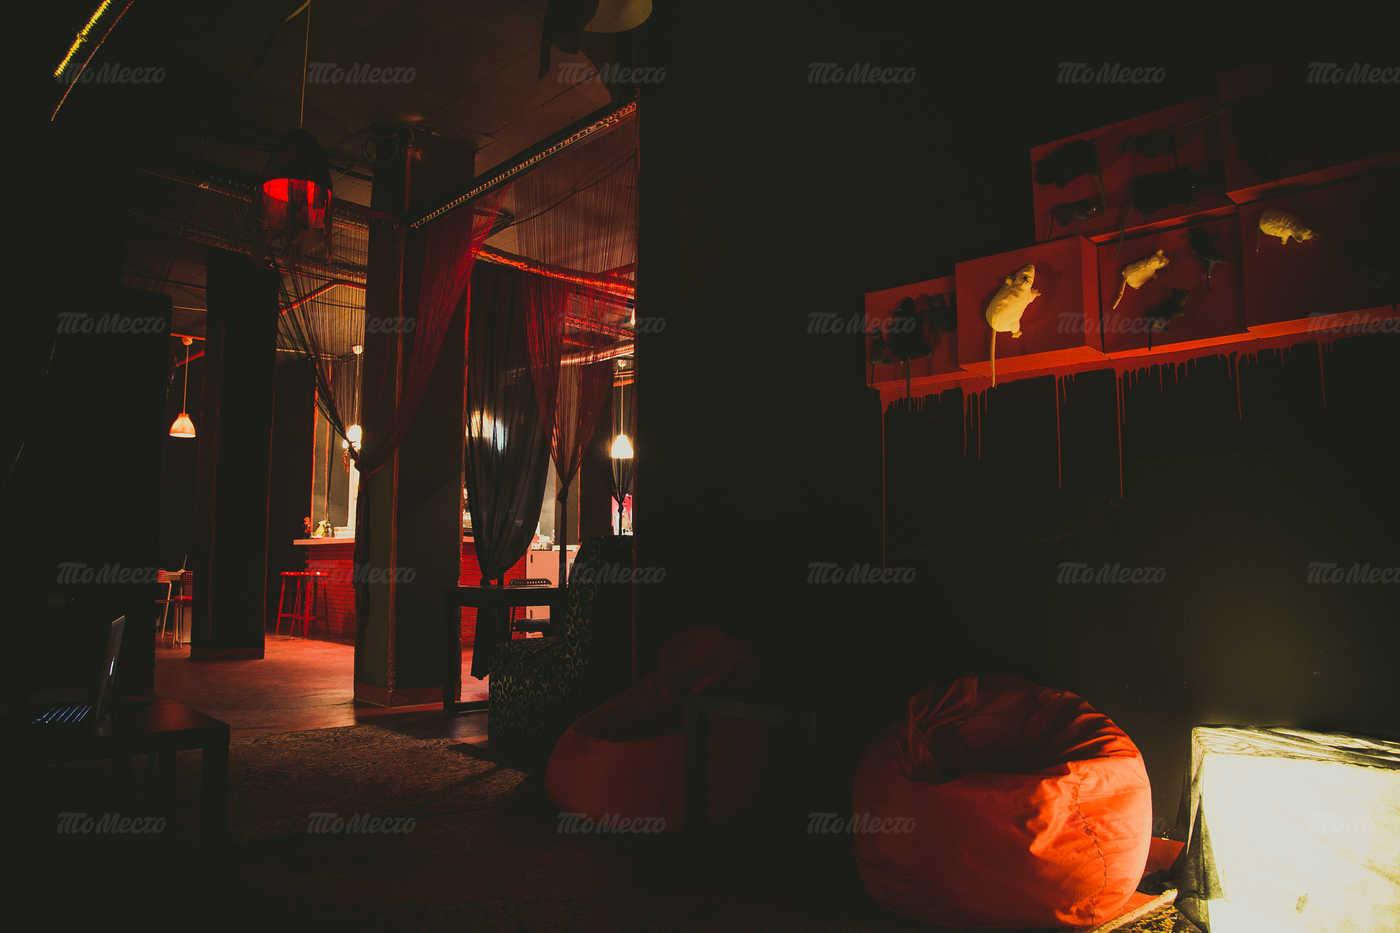 Меню кафе Лабиринт 217 на улице Профсоюзной